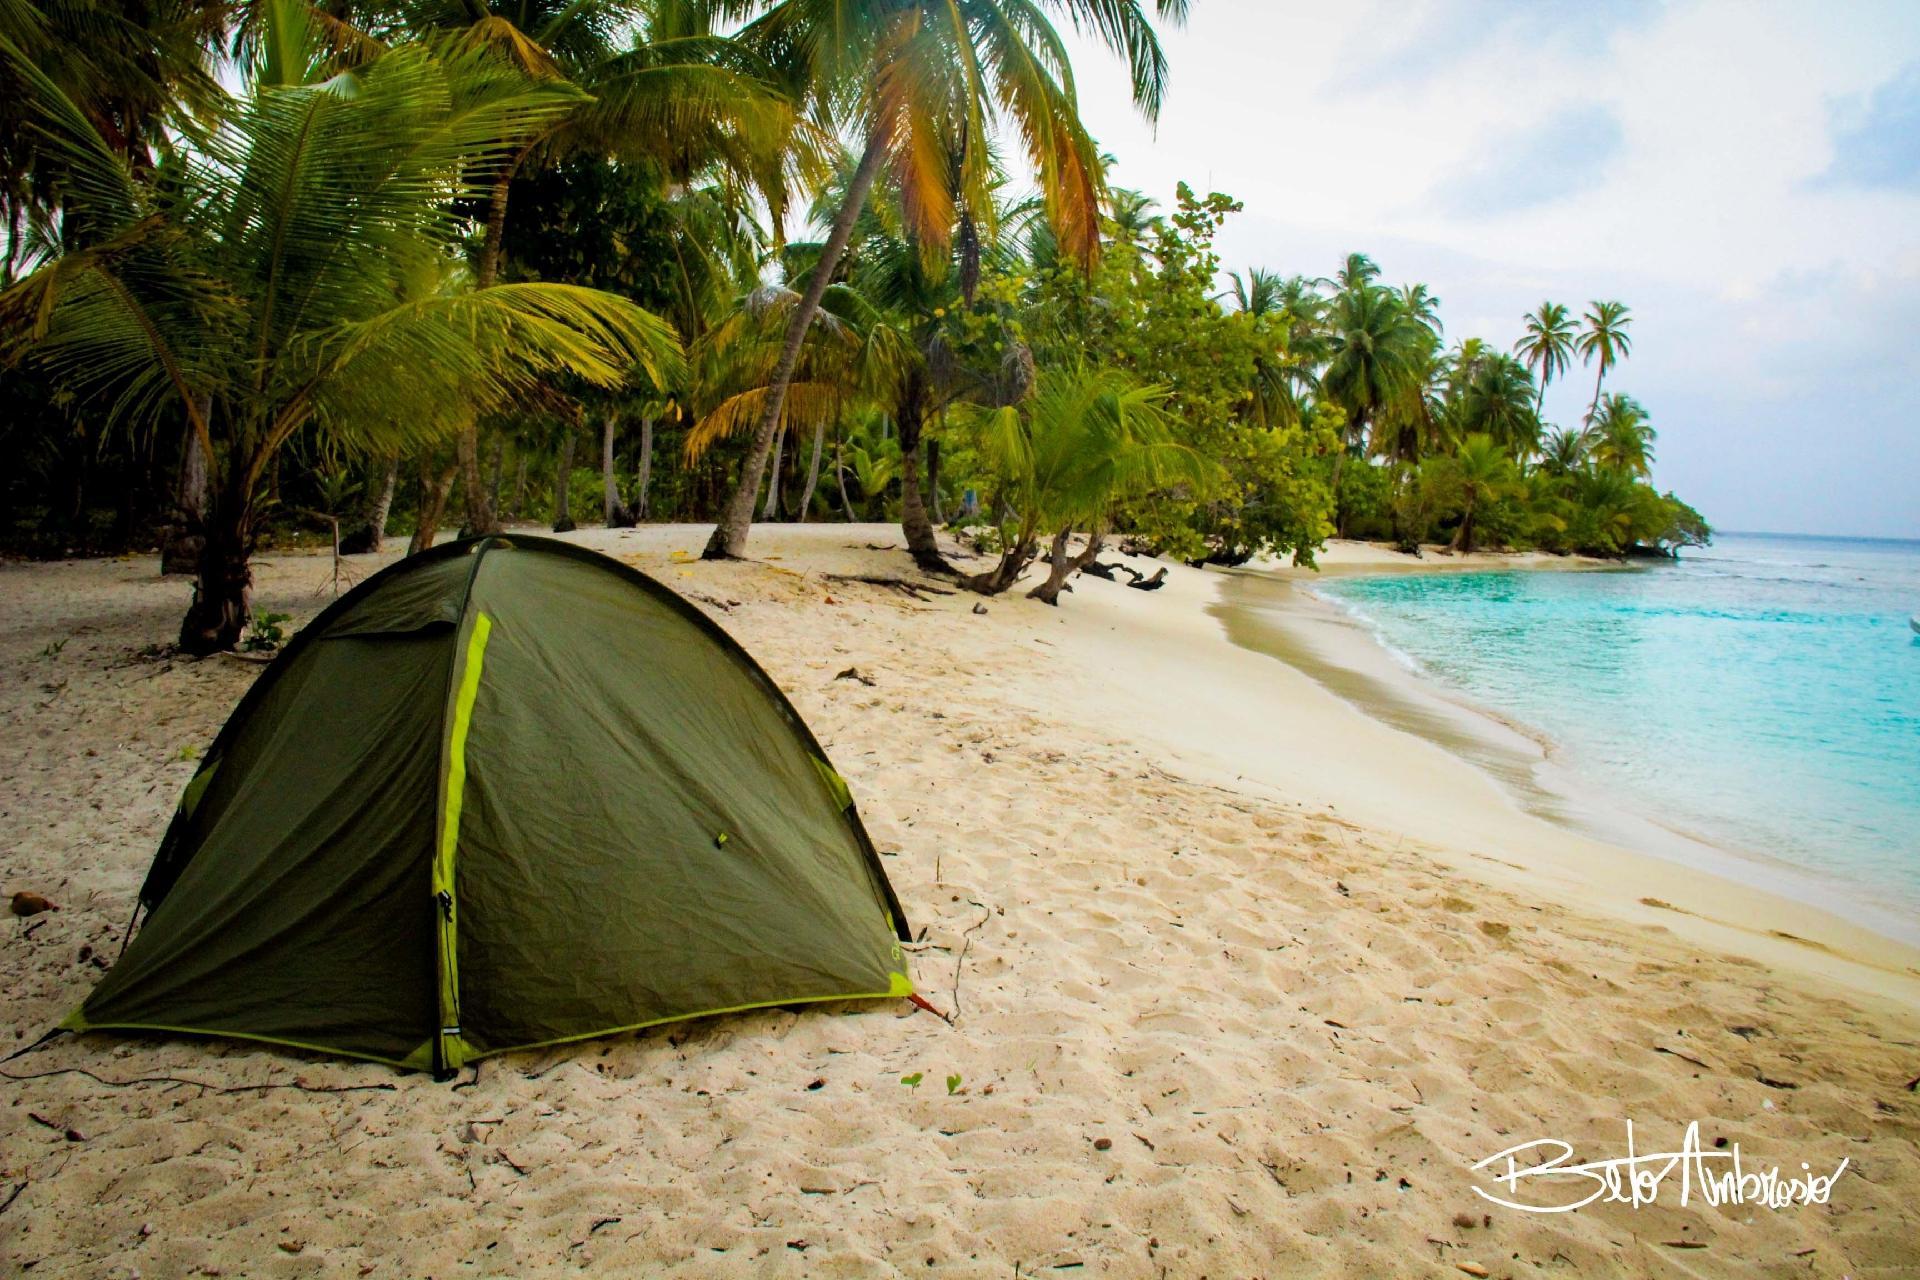 Camping en la playa - archivo personal